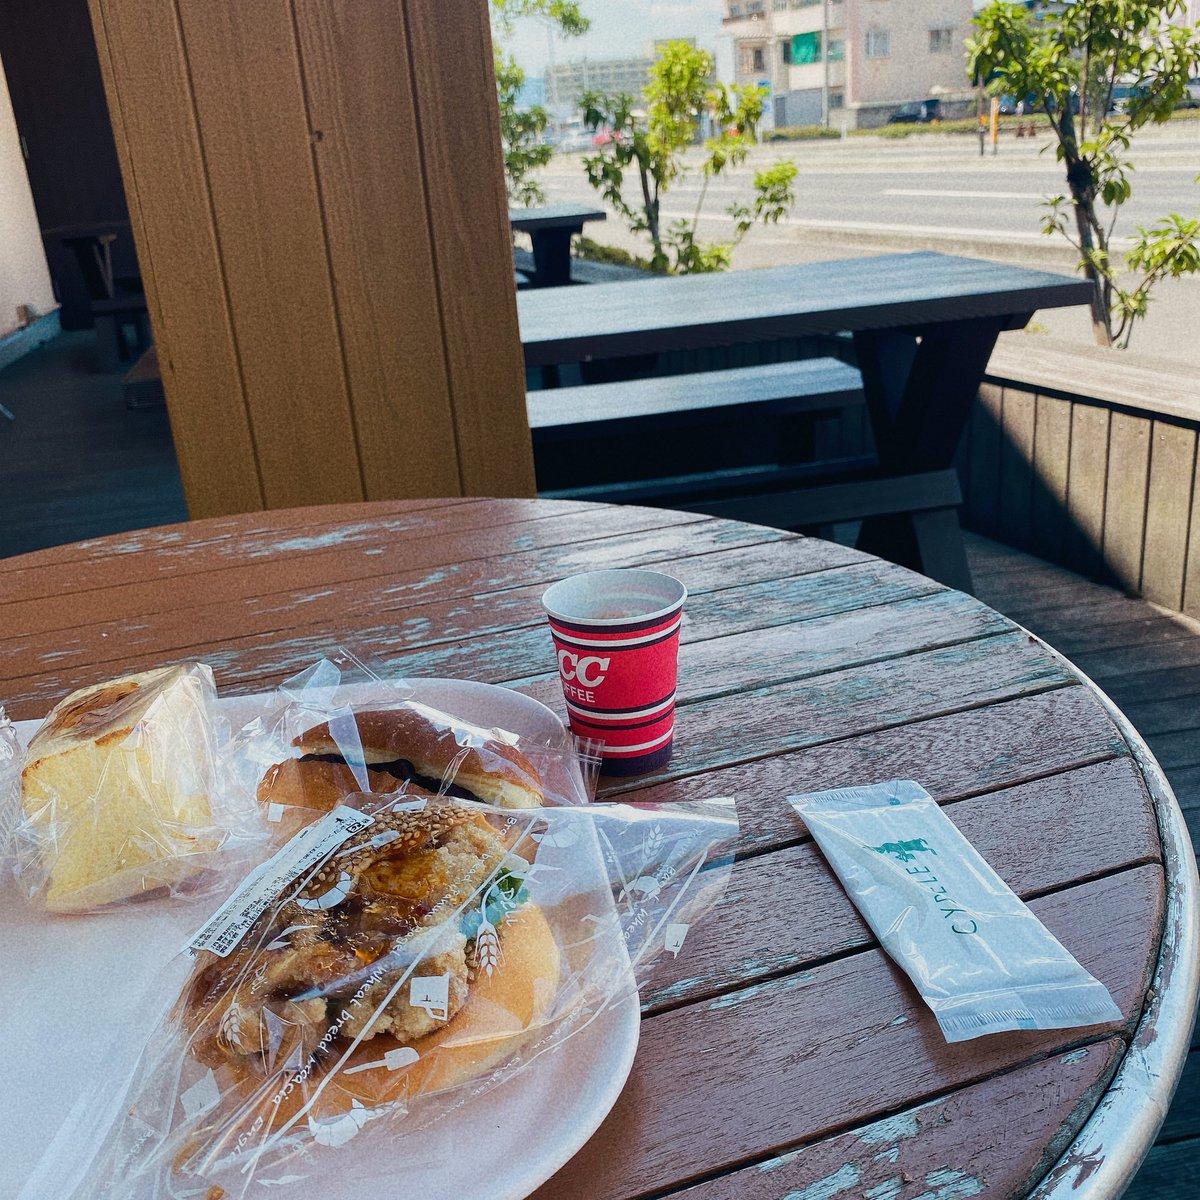 test ツイッターメディア - シベール西店のテラスでパン食べた。 すごーく暑いかと思ったけど時々風が吹いてきた。けど暑い。 https://t.co/4kZHTnNenK